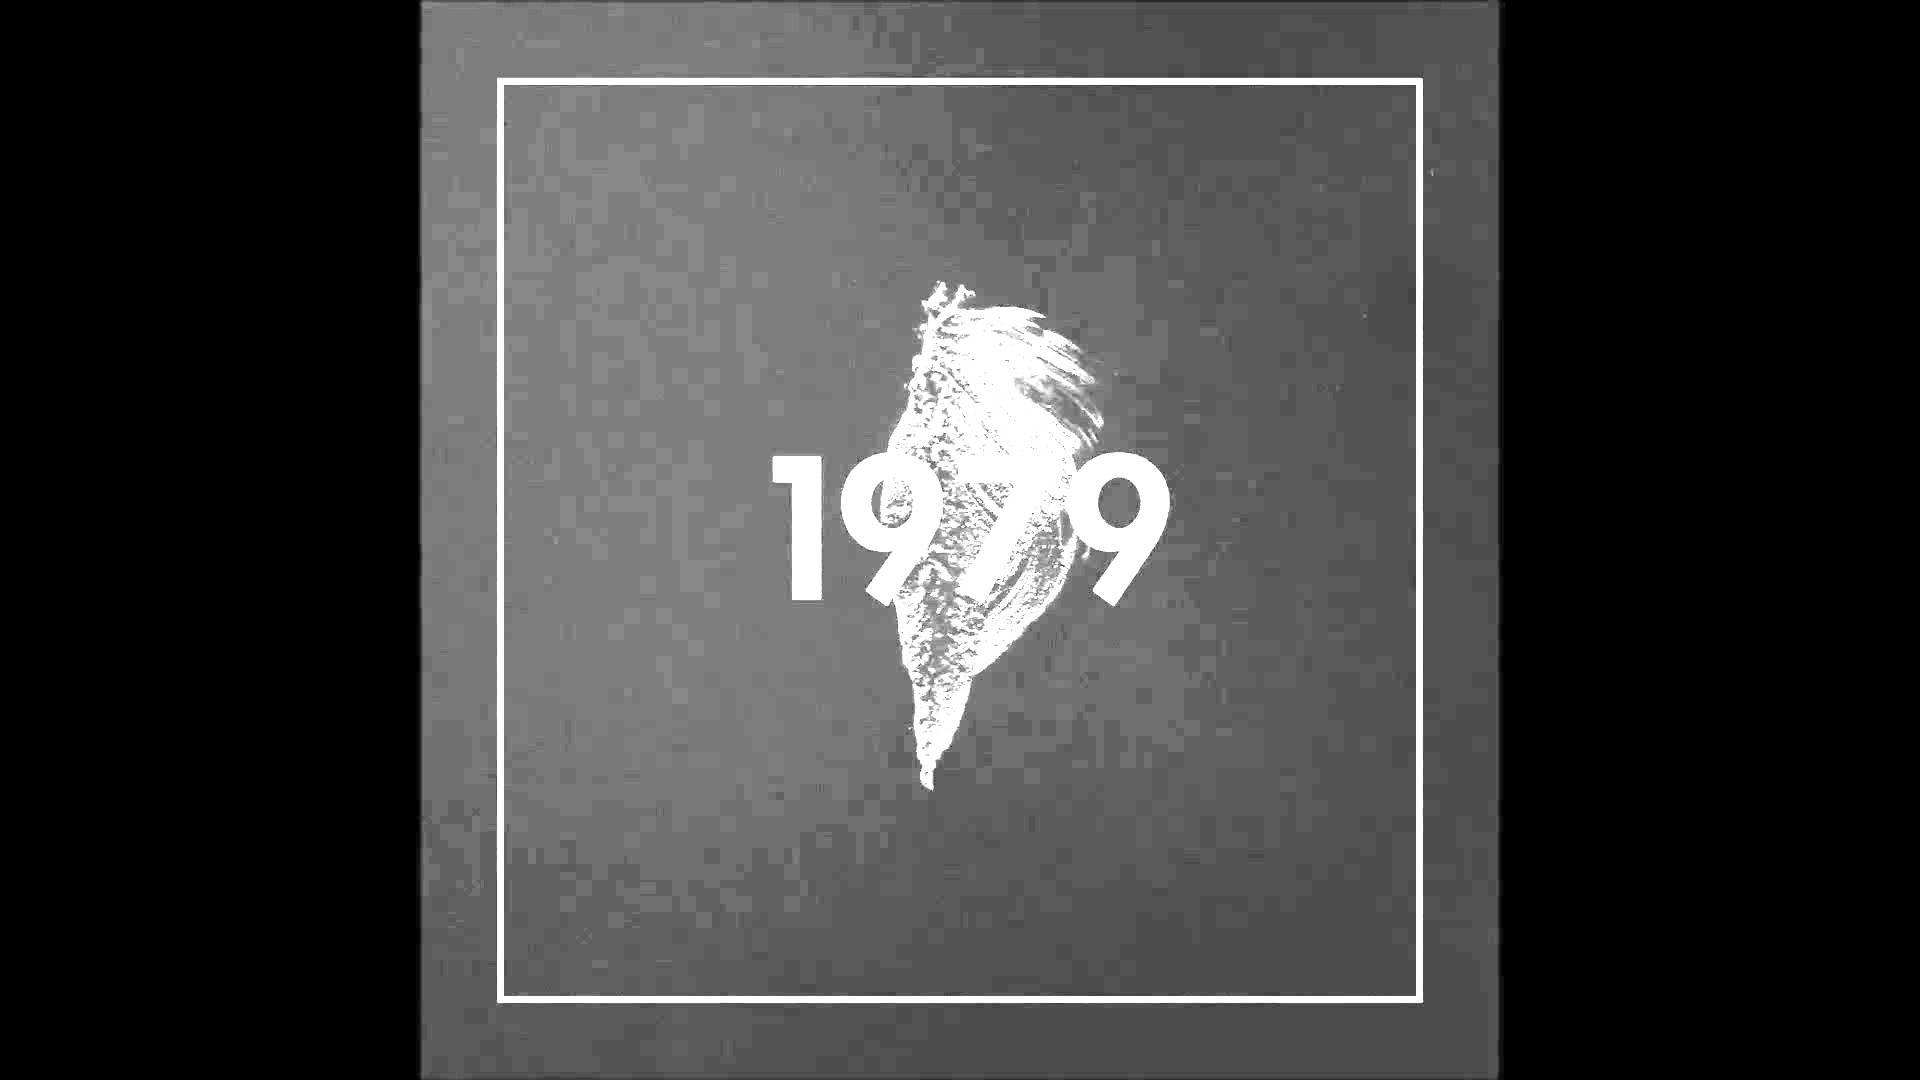 Deru 1979 Vinyl